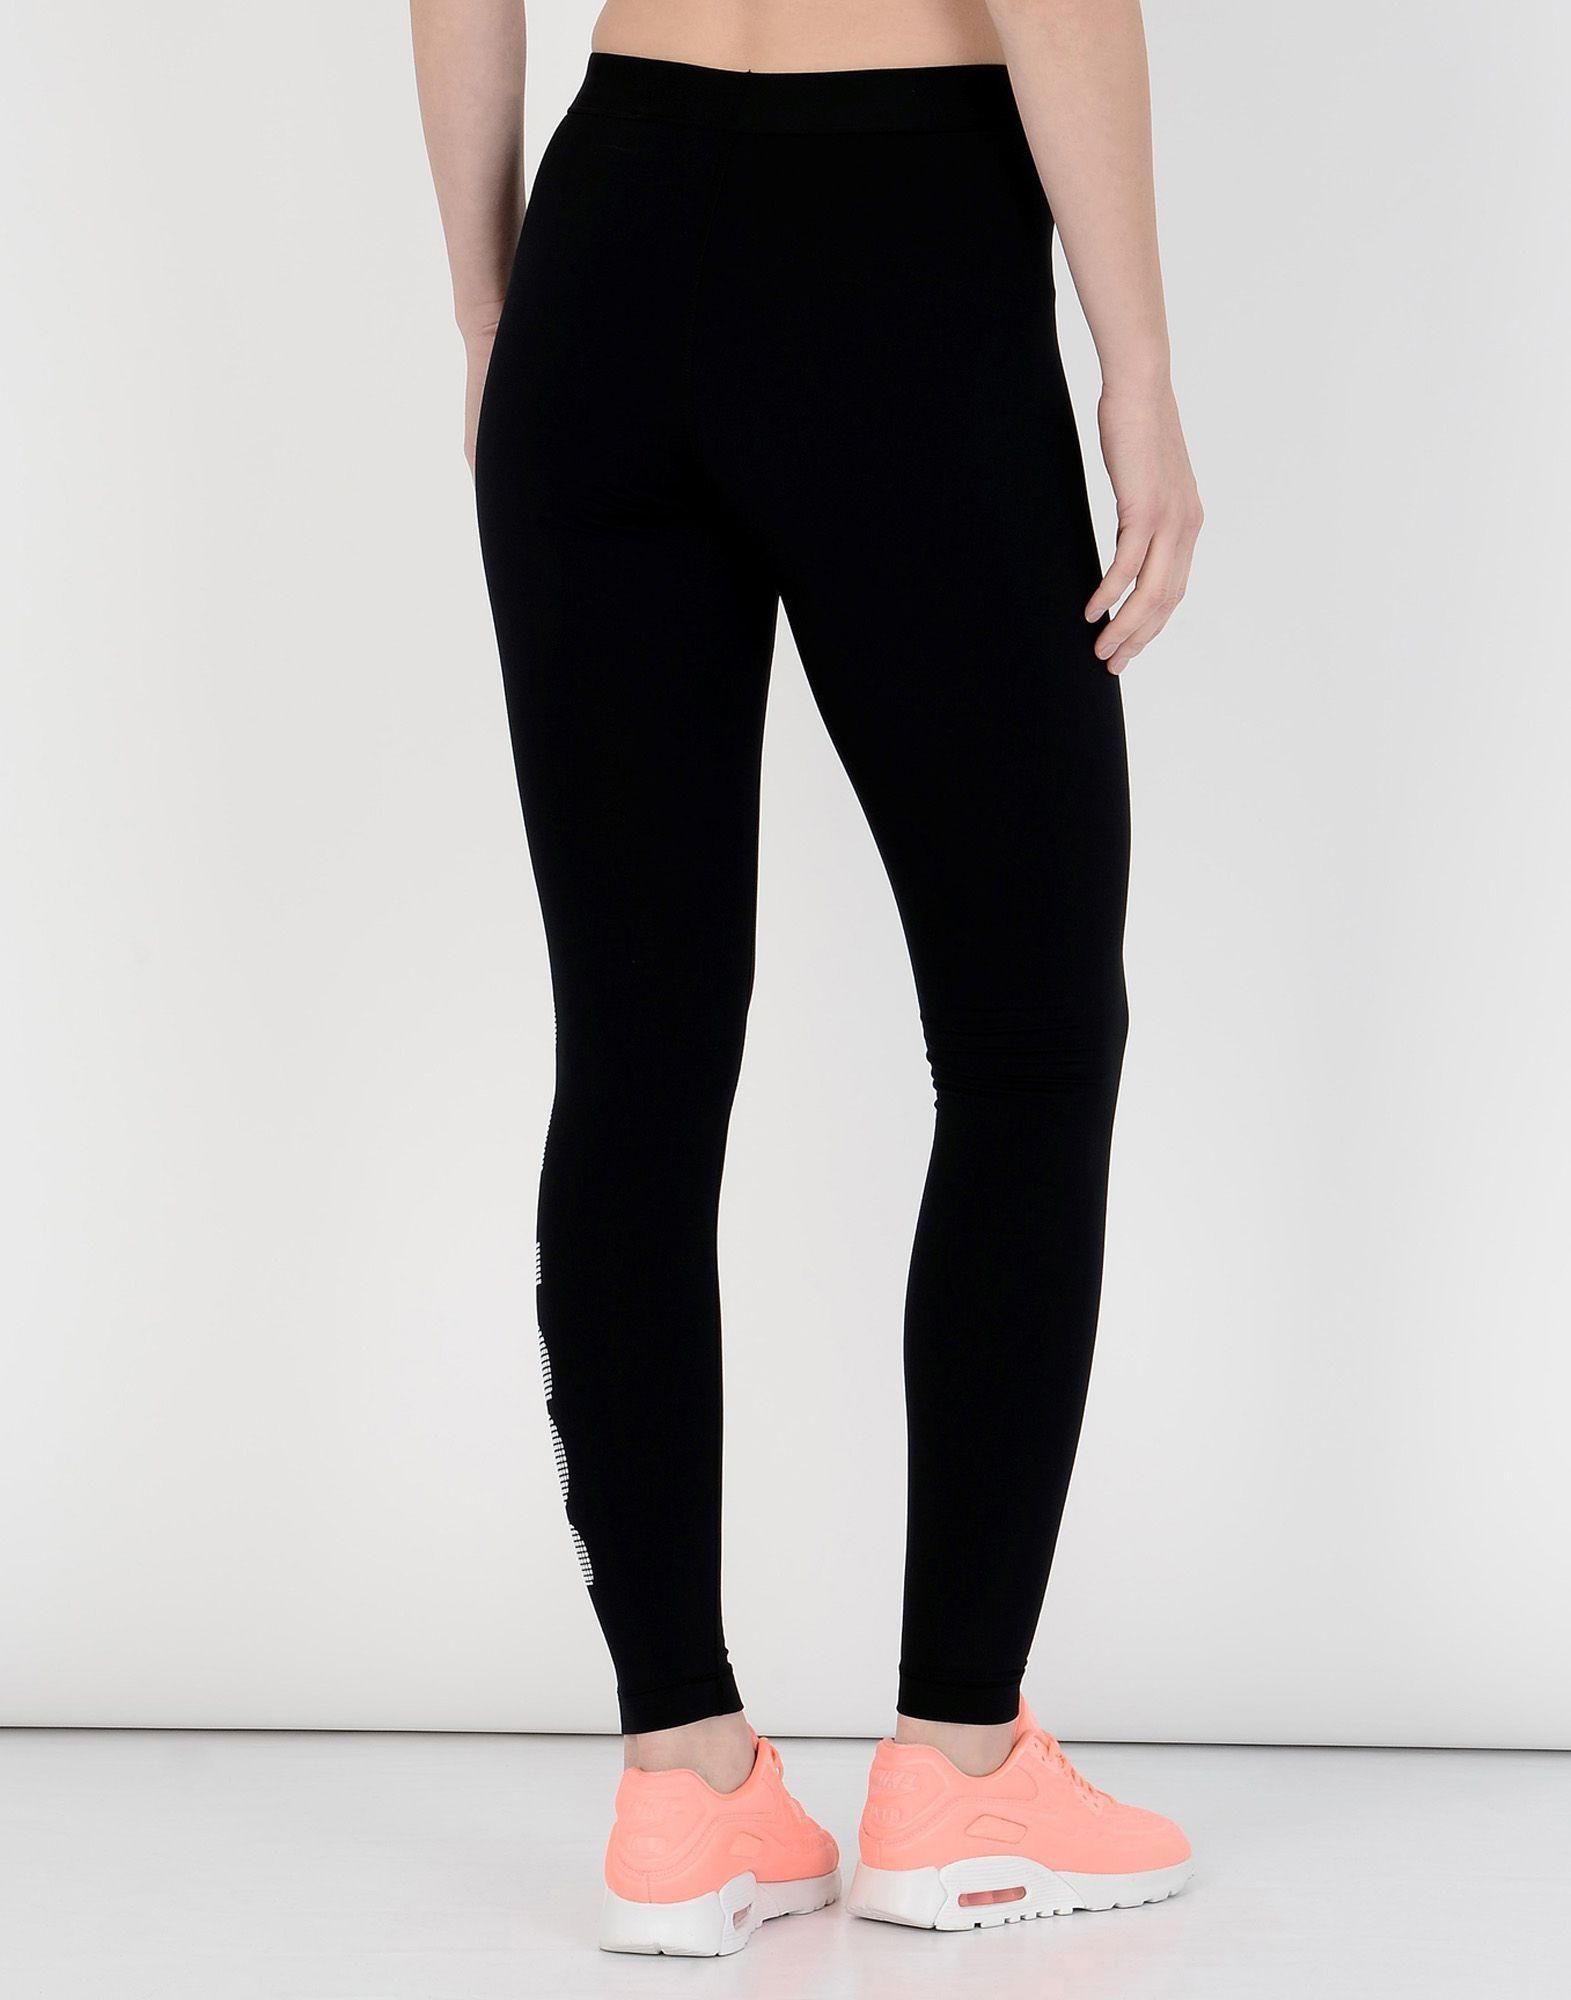 Nike Black Logo Leggings